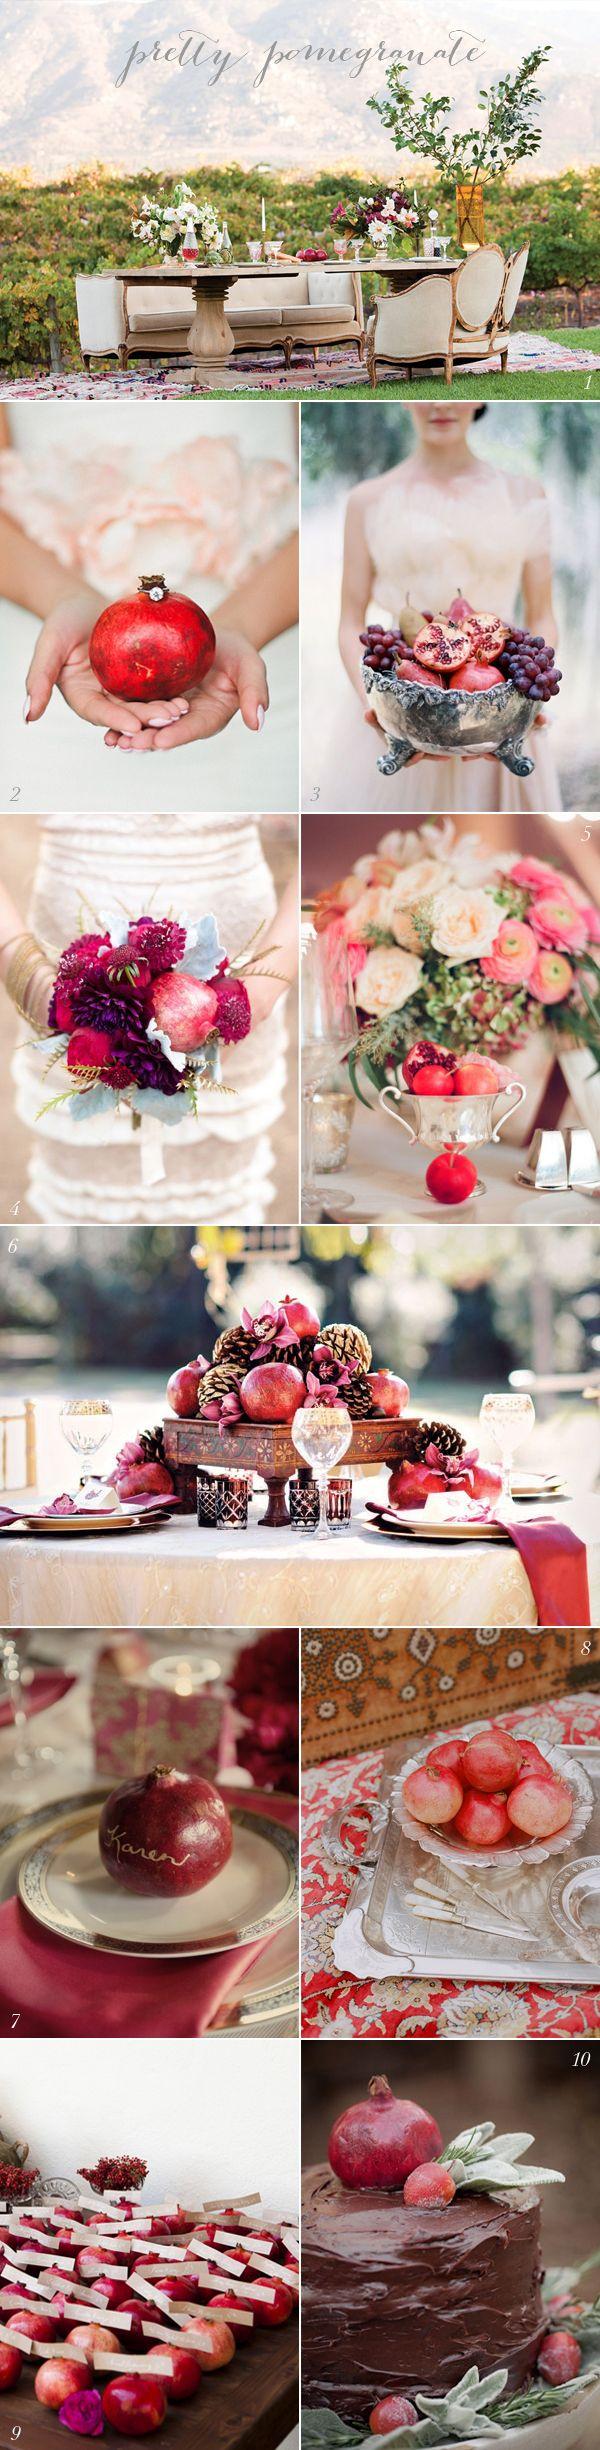 Pomegranate Wedding Ideas   via elizabethannedesigns.com